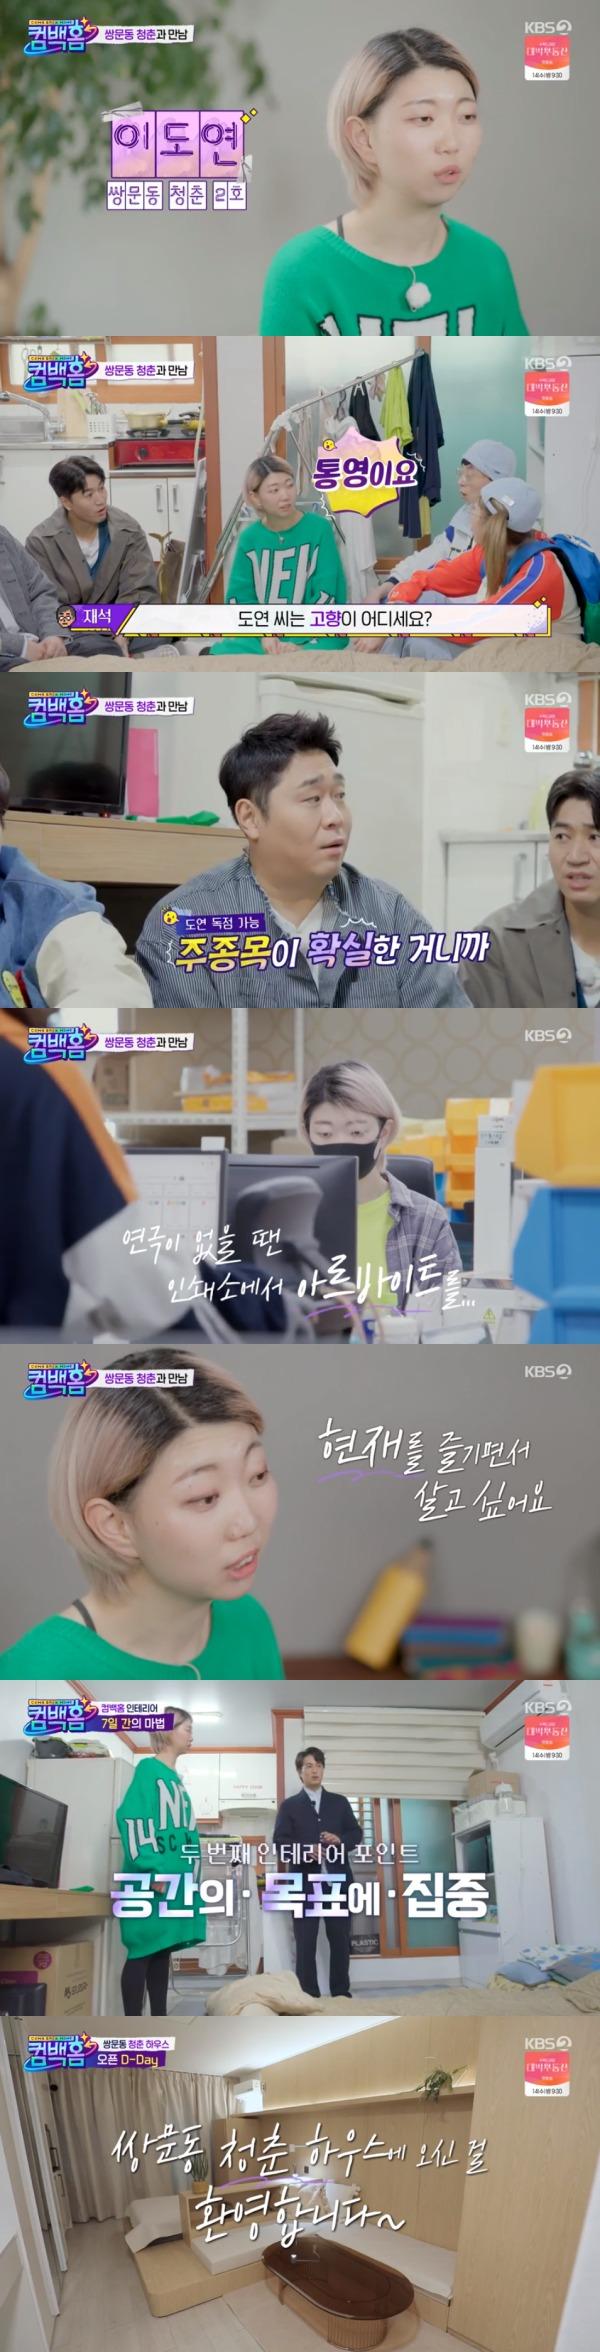 '컴백홈' 김종민, 쌍문동 추억 여행→이도연 원룸 변신(종합)